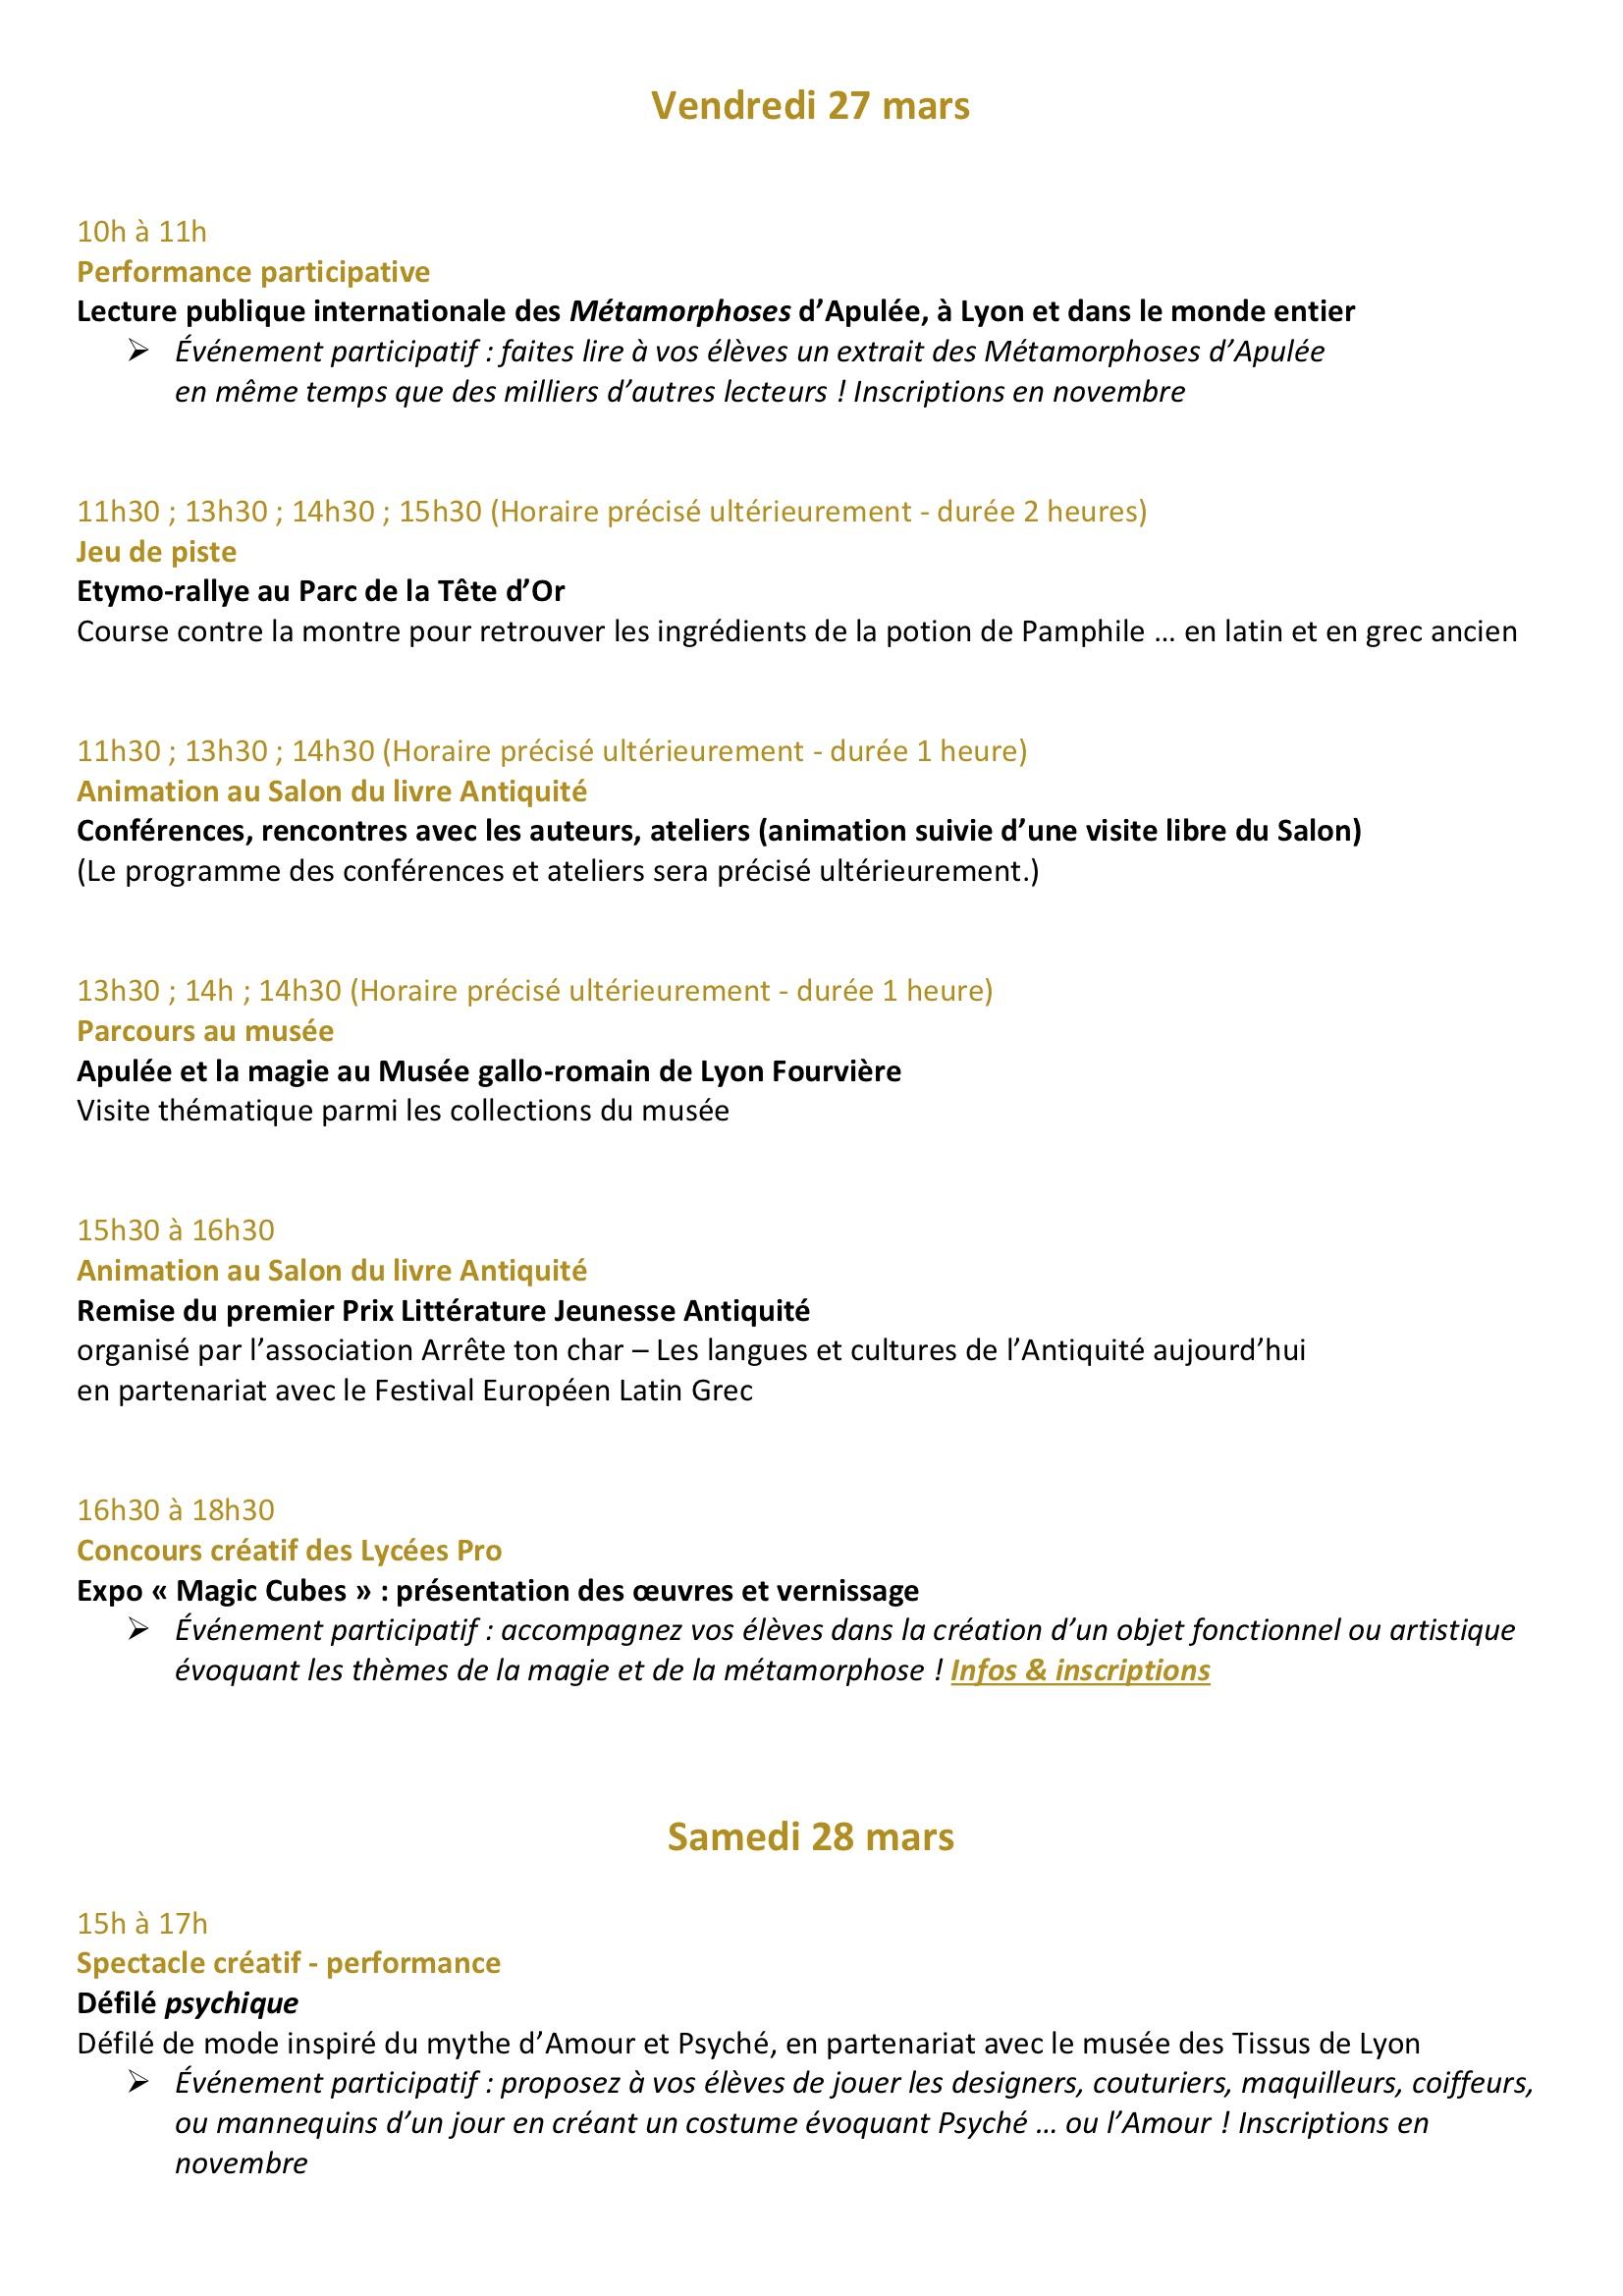 La Remise Aux Tissus Lyon programme scolaires du 14e festival européen latin grec de